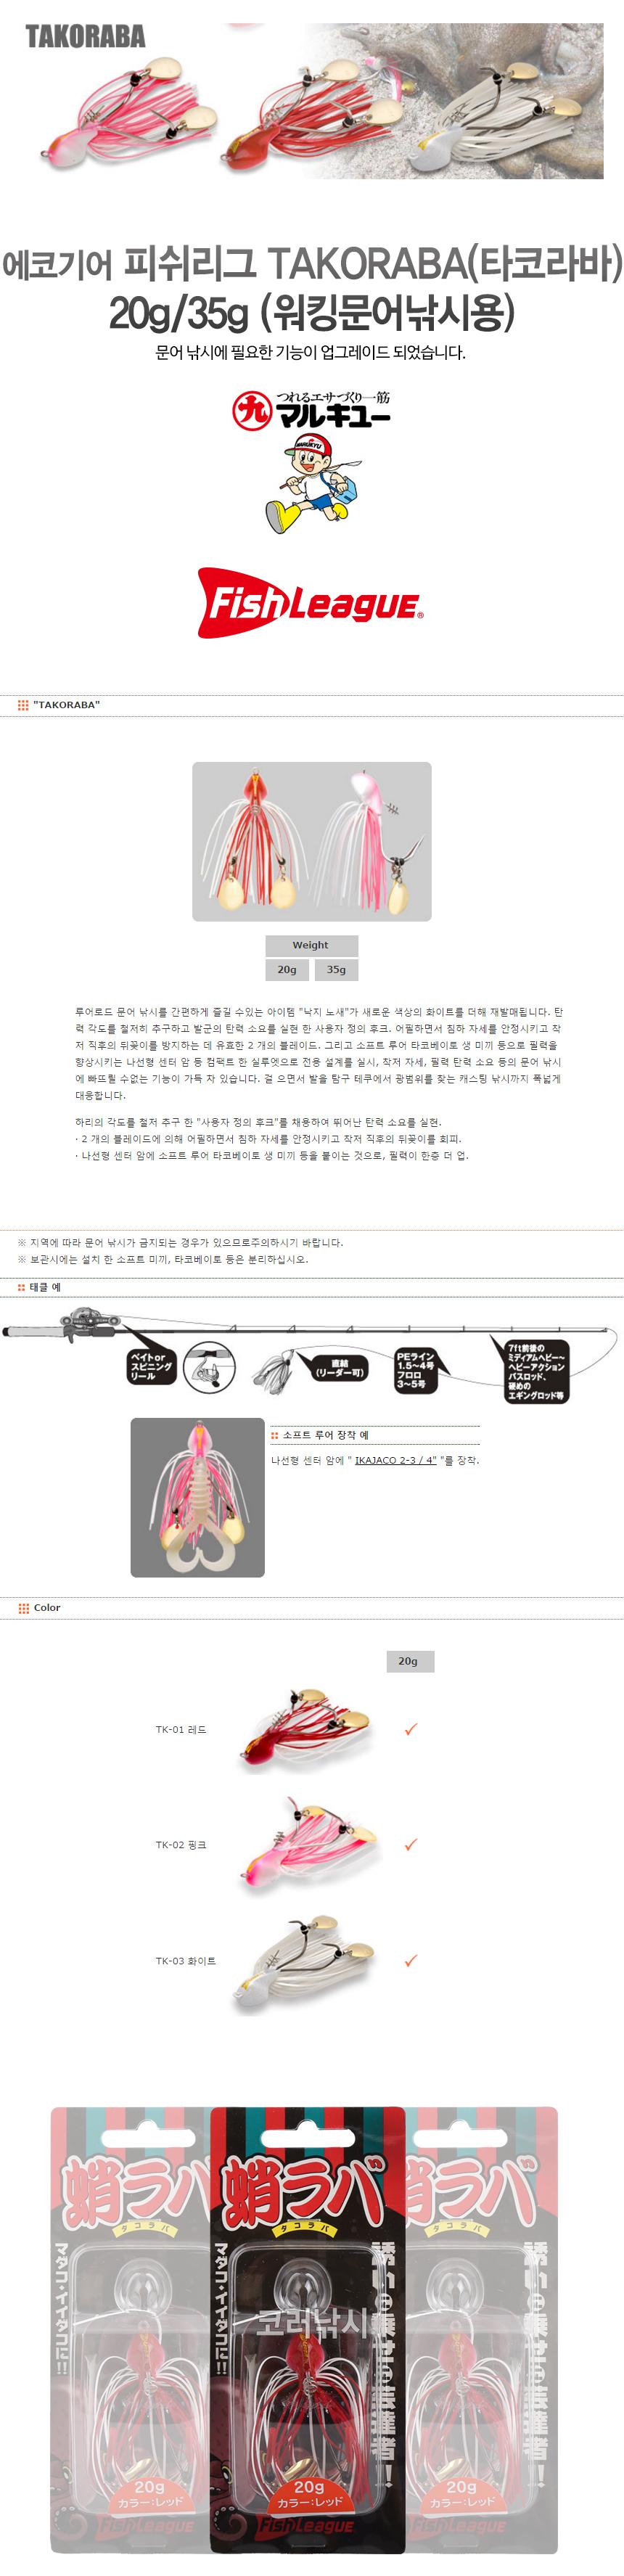 에코기어 피쉬리그 TAKORABA(타코라바) 20g/35g (워킹문어낚시용)